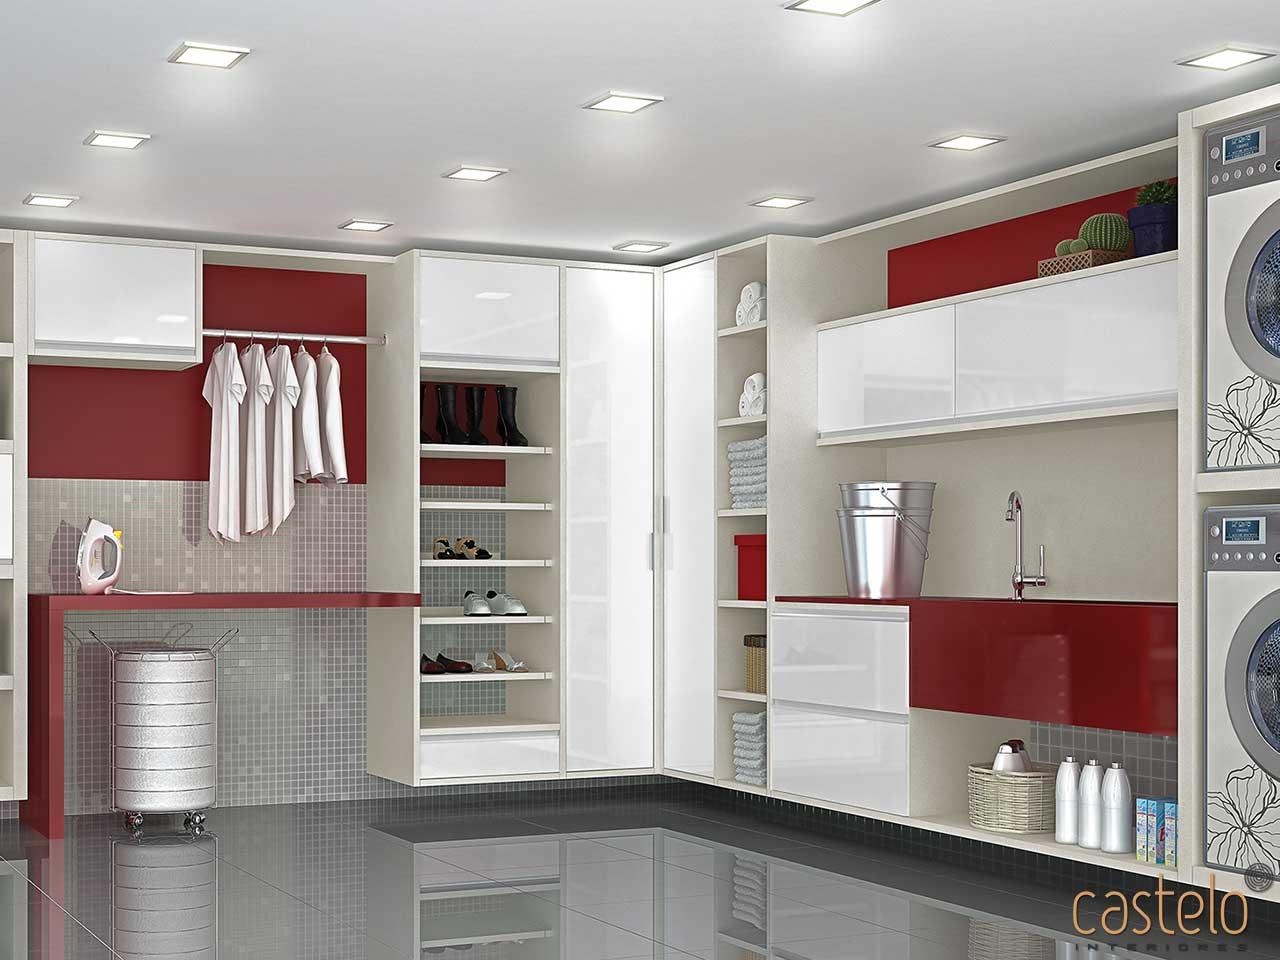 castelo-interiores-lavanderia